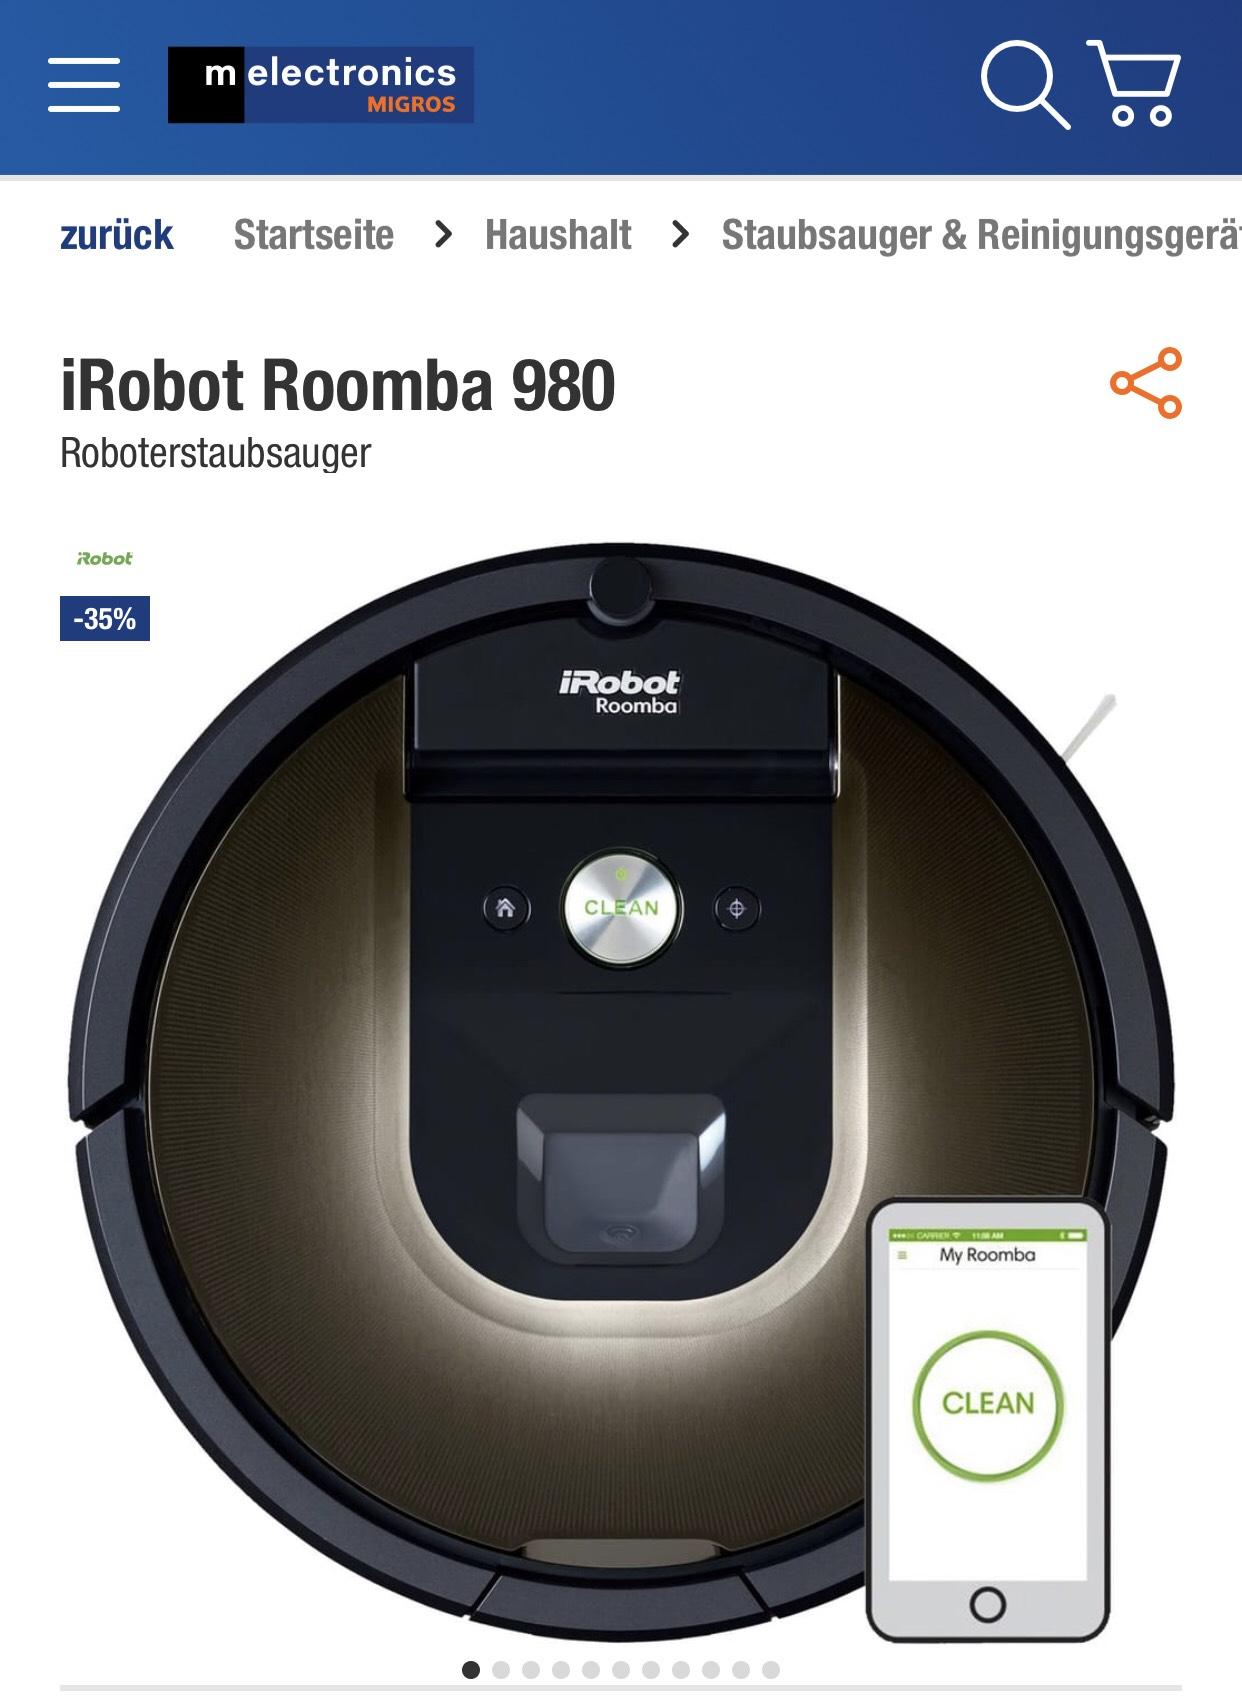 iRobot Roomba 980 Melectronic SCHWEIZ